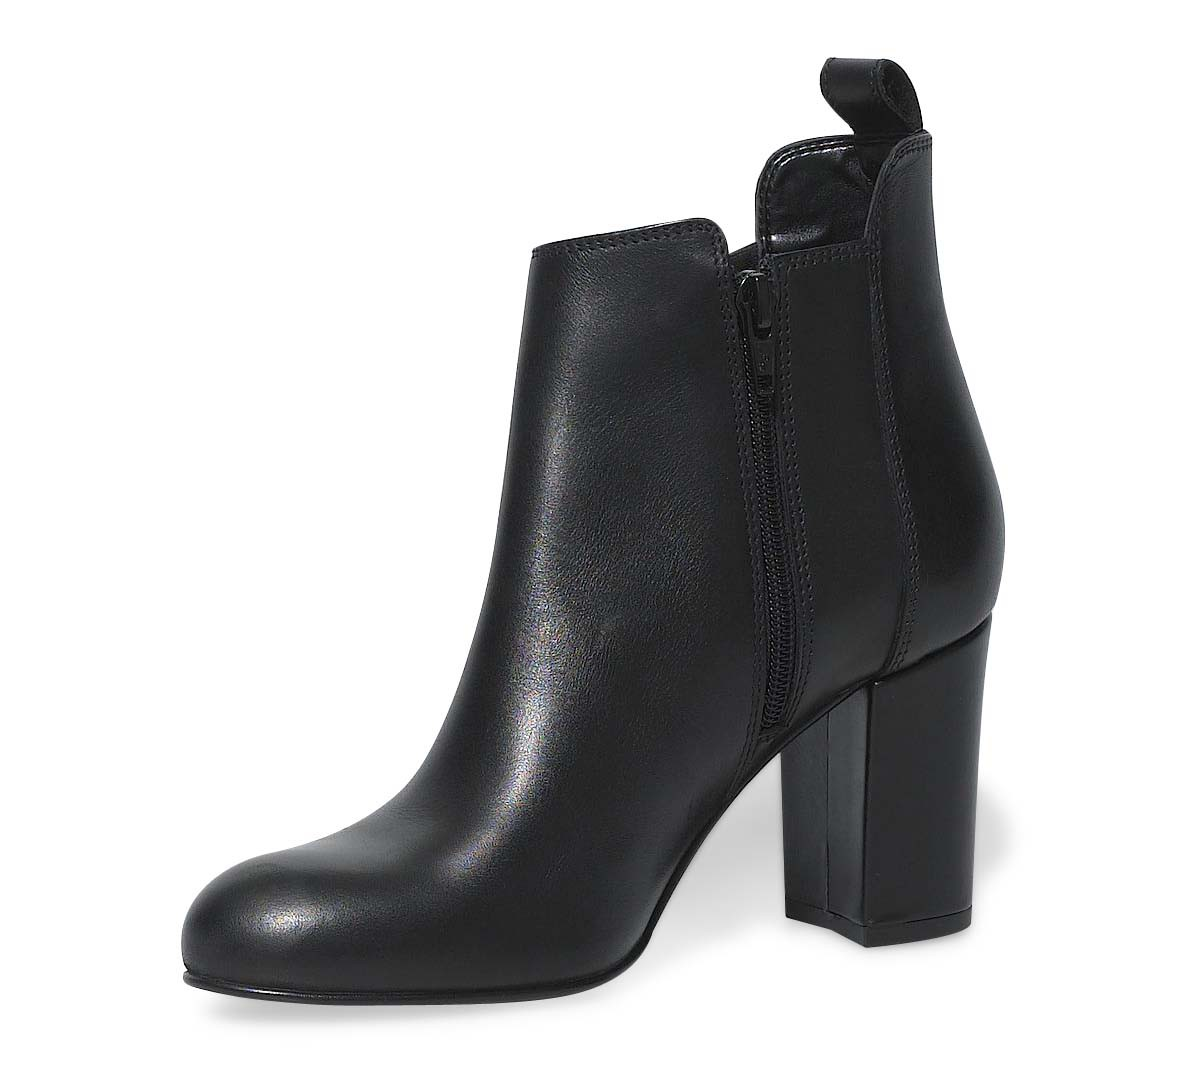 50% de réduction parcourir les dernières collections correspondant en couleur Bottine femme cuir noir - Chaussure - lescahiersdalter